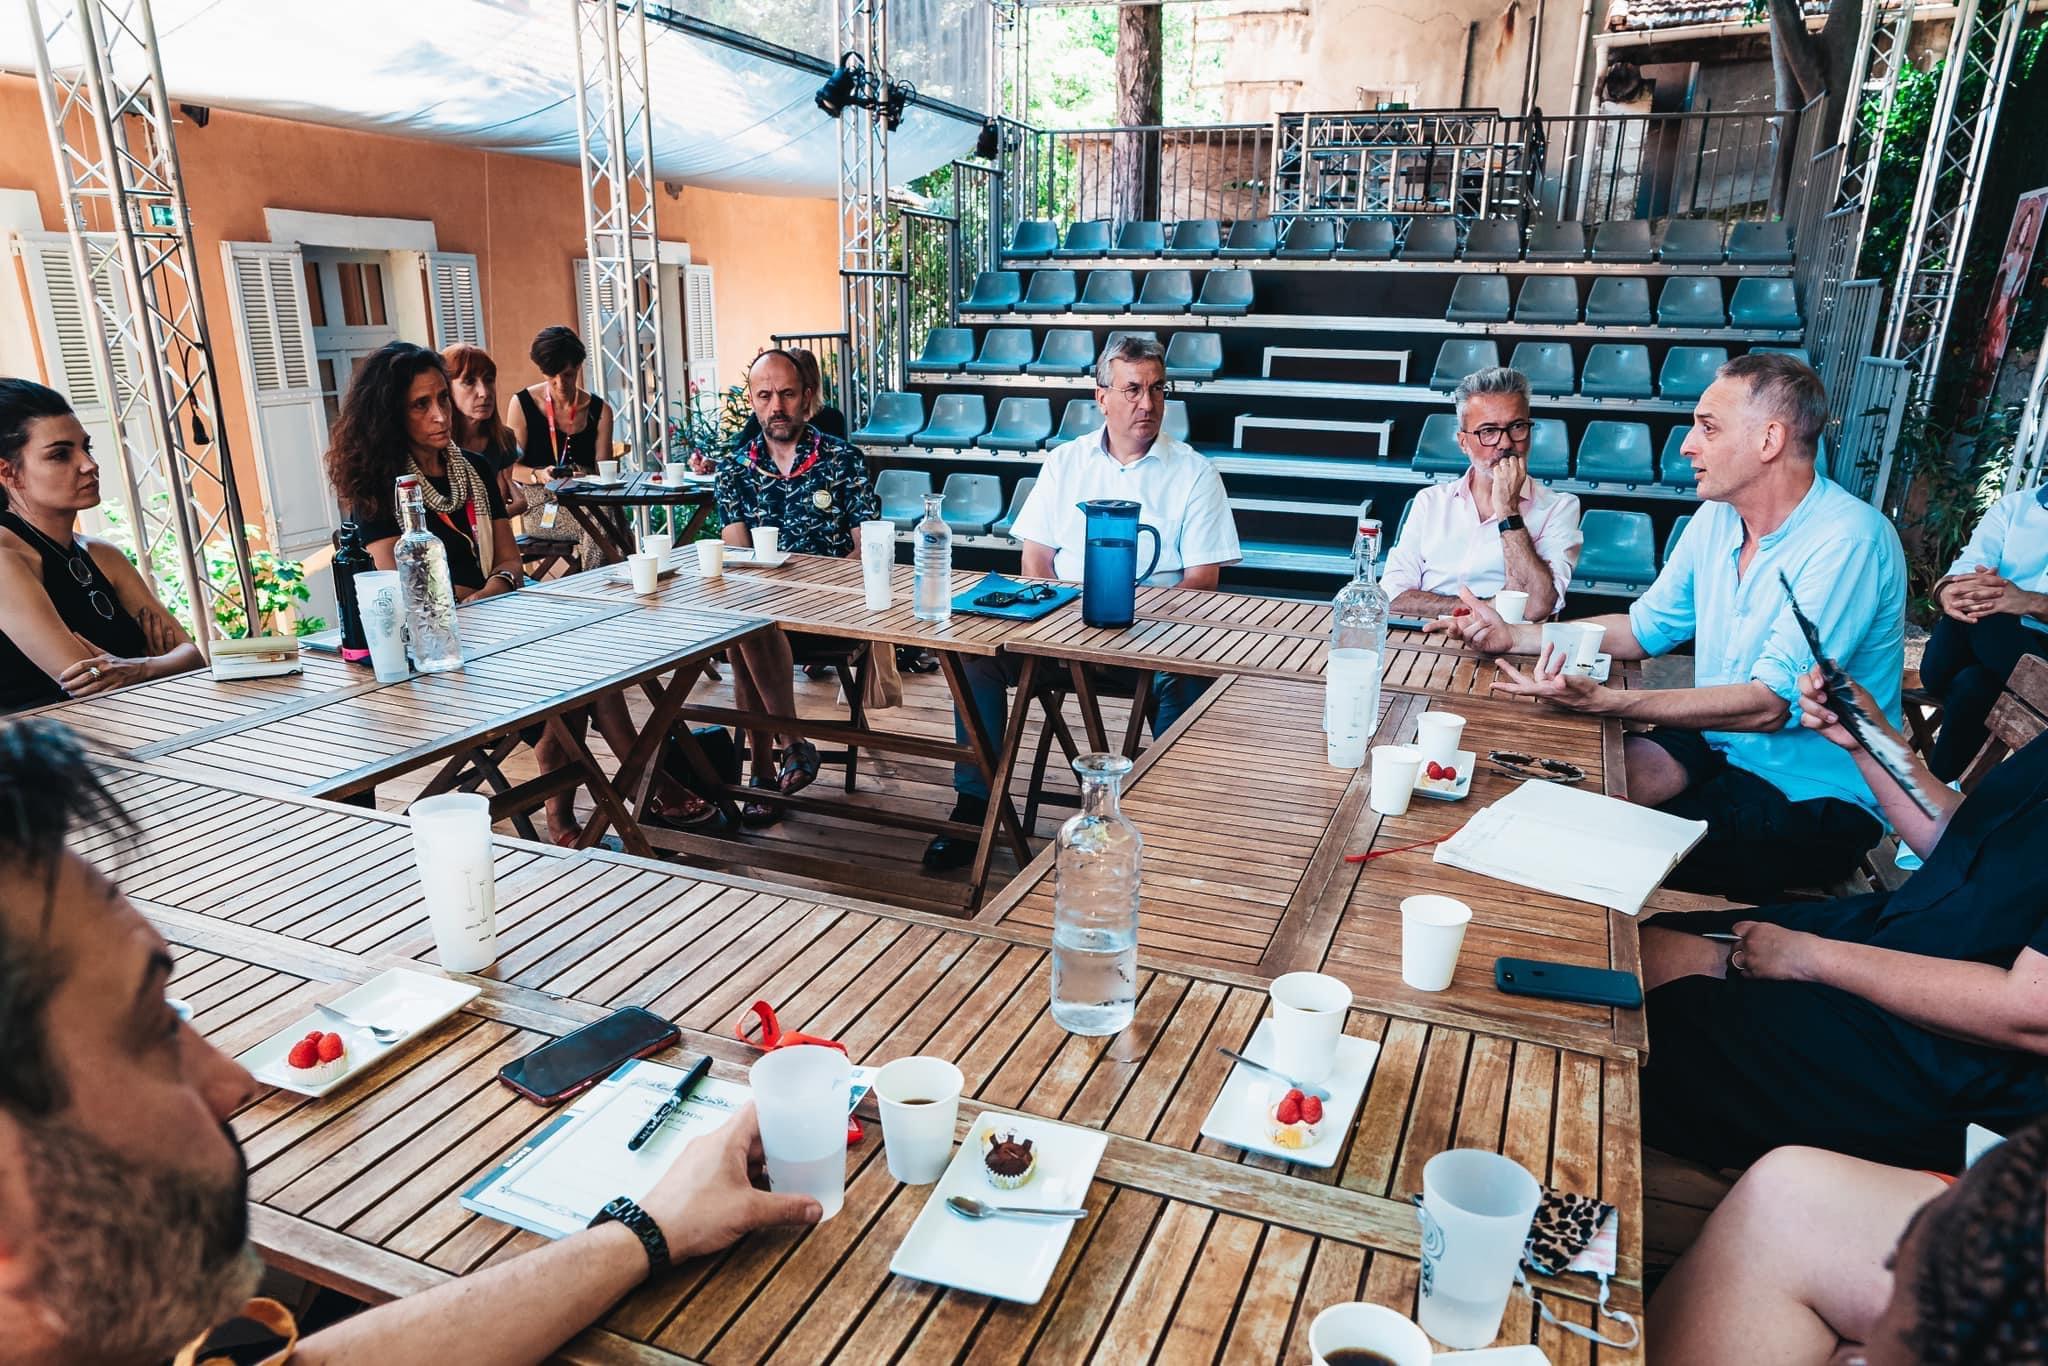 La rencontre du Ministre-Président Pierre-Yves Jeholet avec les artistes de Wallonie-Bruxelles au Théâtre des Doms ©️ J. Van Belle - WBI